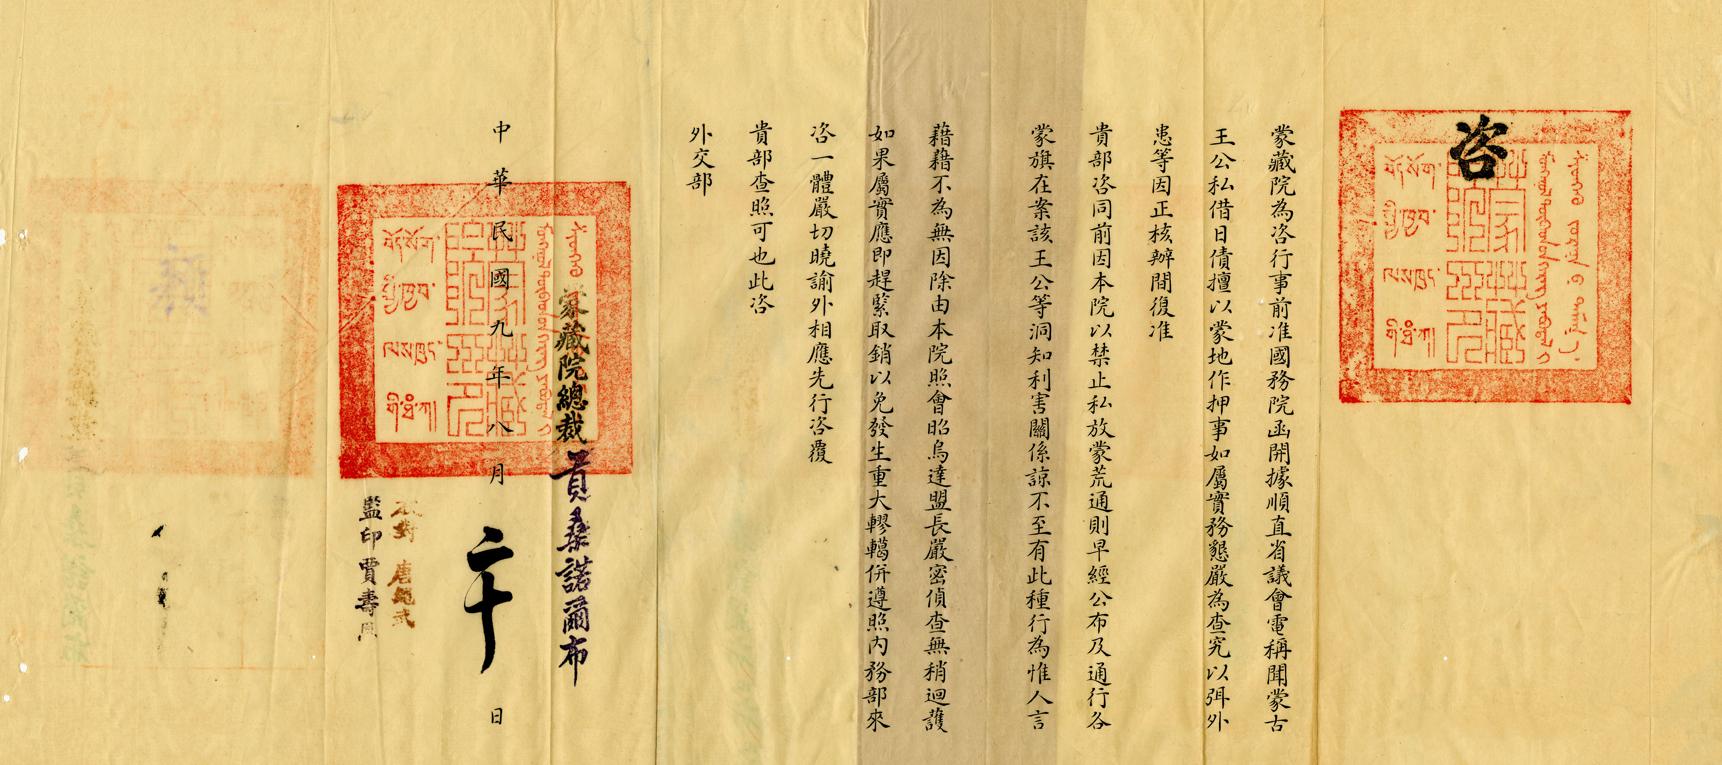 民國9年8月,蒙藏院咨文